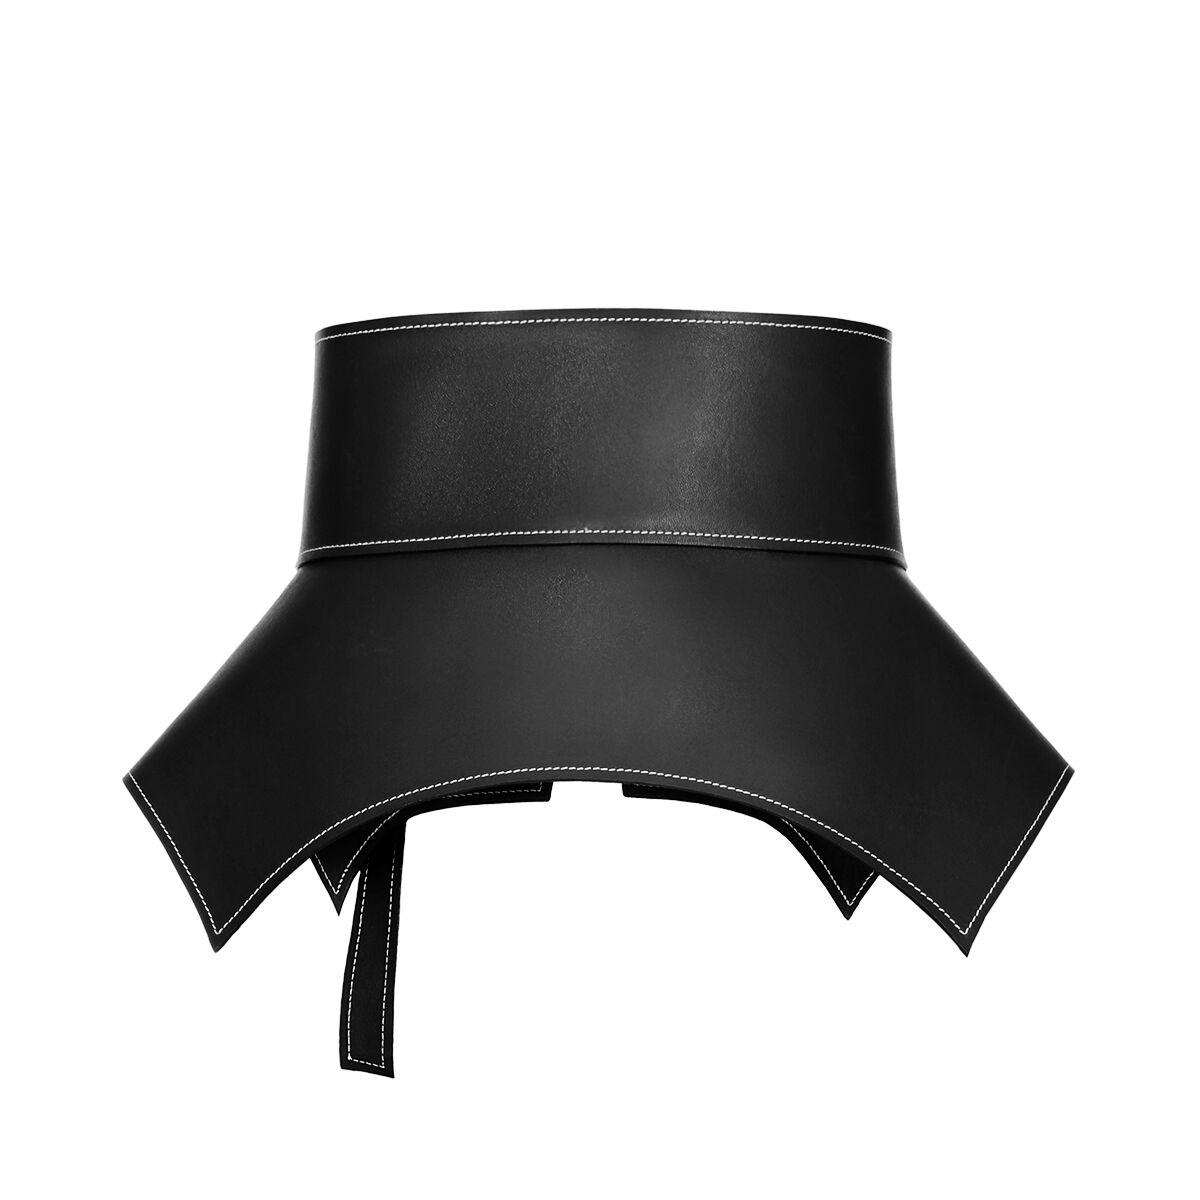 Cuir Noir Ceinture Obi Loewe 95hZlZ